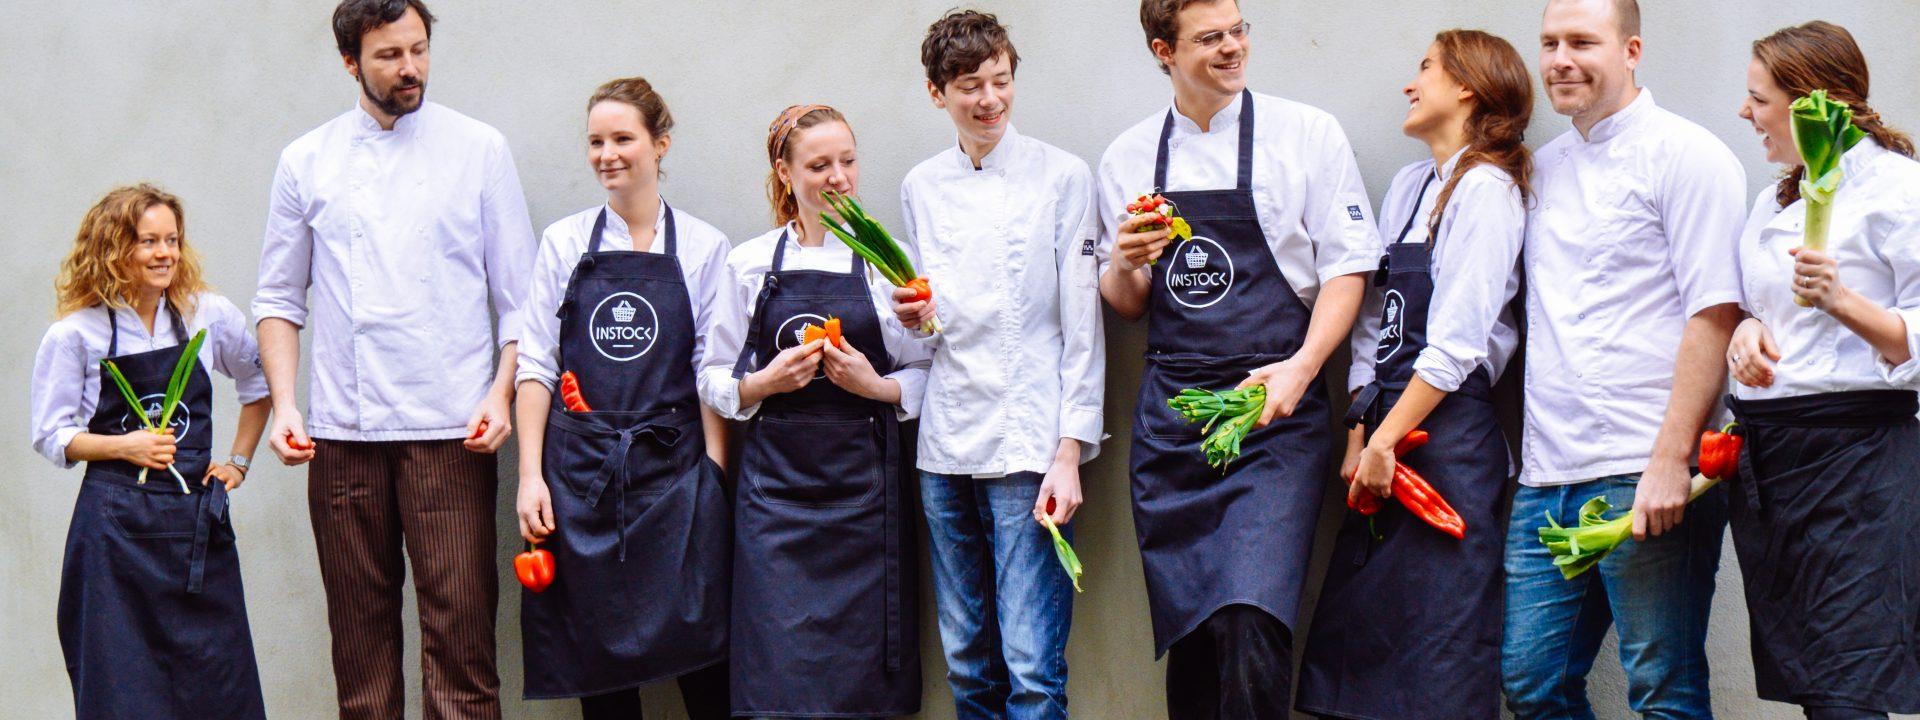 Kitchen-team-Instock-1920x720-center-center